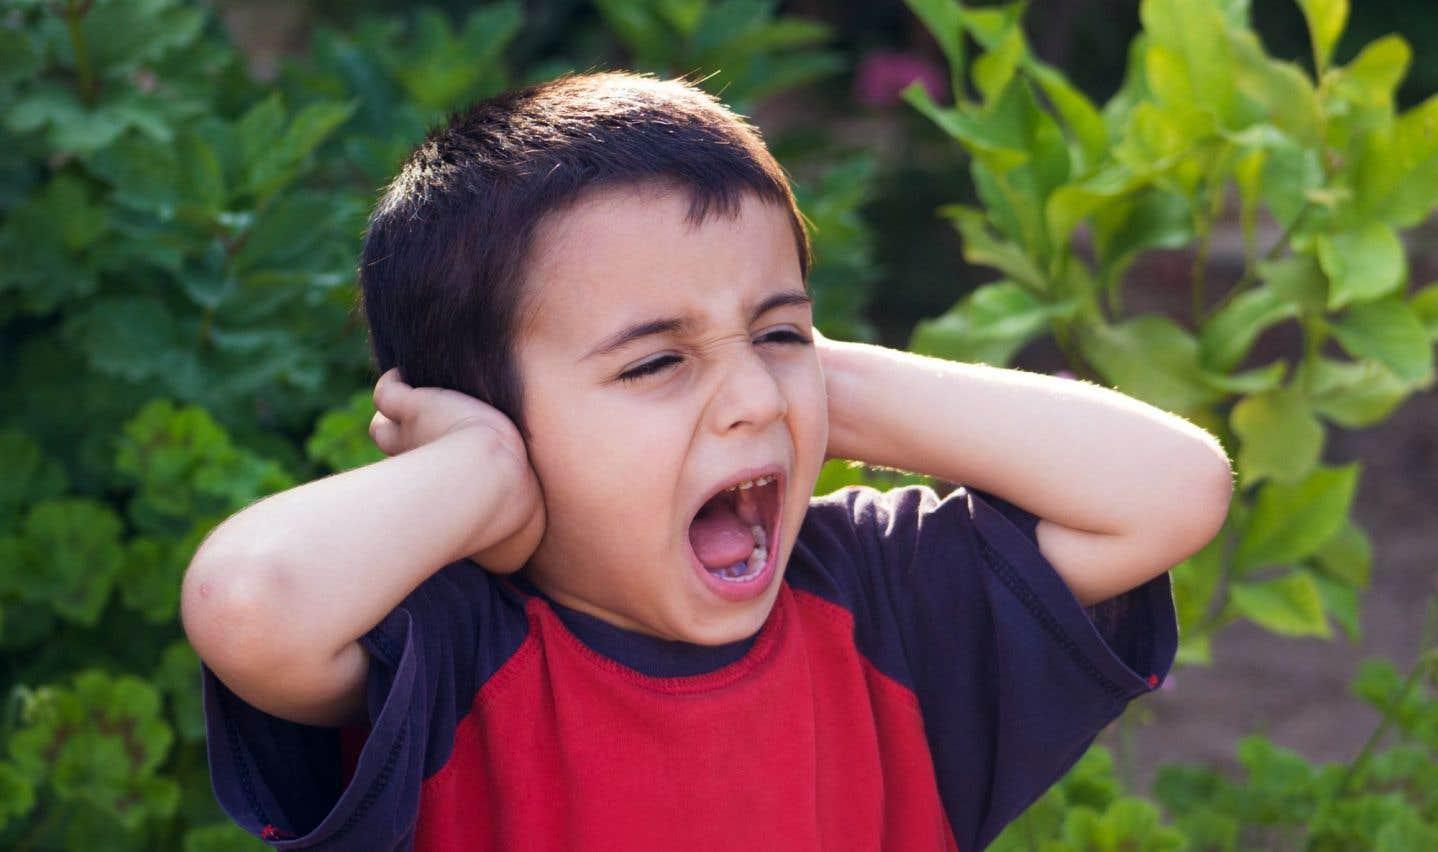 Les hallucinations auditives, une forme de réflexe du cerveau?